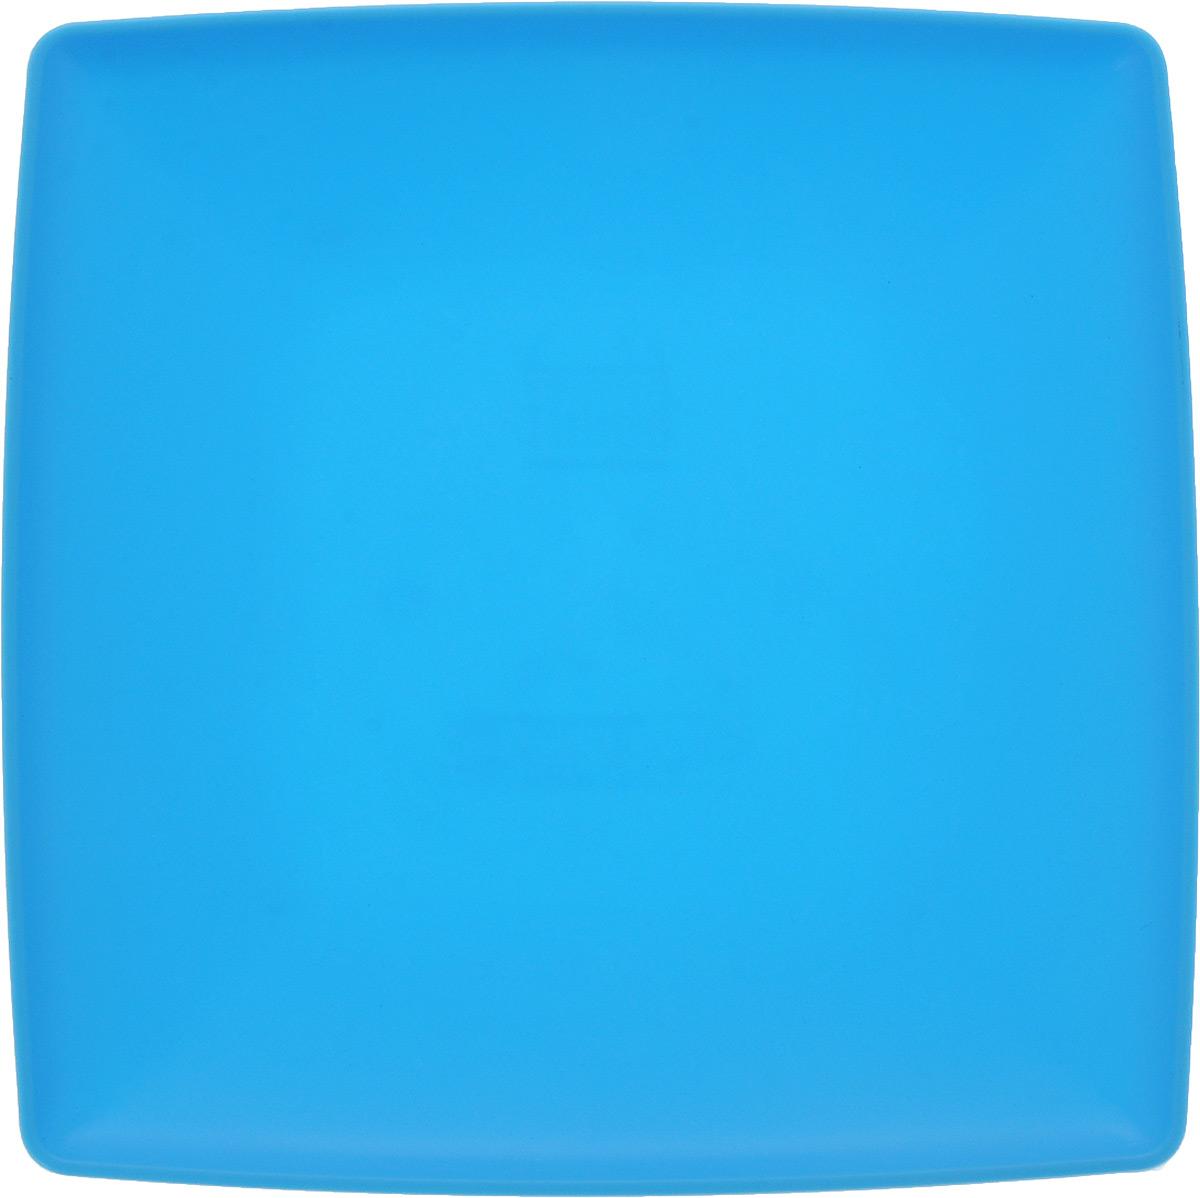 Тарелка Gotoff, цвет: голубой, 19 х 19 смWTC-631_голубойКвадратная тарелка Gotoff выполнена из прочного пищевого полипропилена. Изделие отлично подойдет как для холодных, так и для горячих блюд. Его удобно использовать дома или на даче, брать с собой на пикники и в поездки. Отличный вариант для детских праздников. Такая тарелка не разобьется и будет служить вам долгое время.Можно использовать в СВЧ, ставить в морозилку при температуре -25°С и мыть в посудомоечной машине при температуре +95°С.